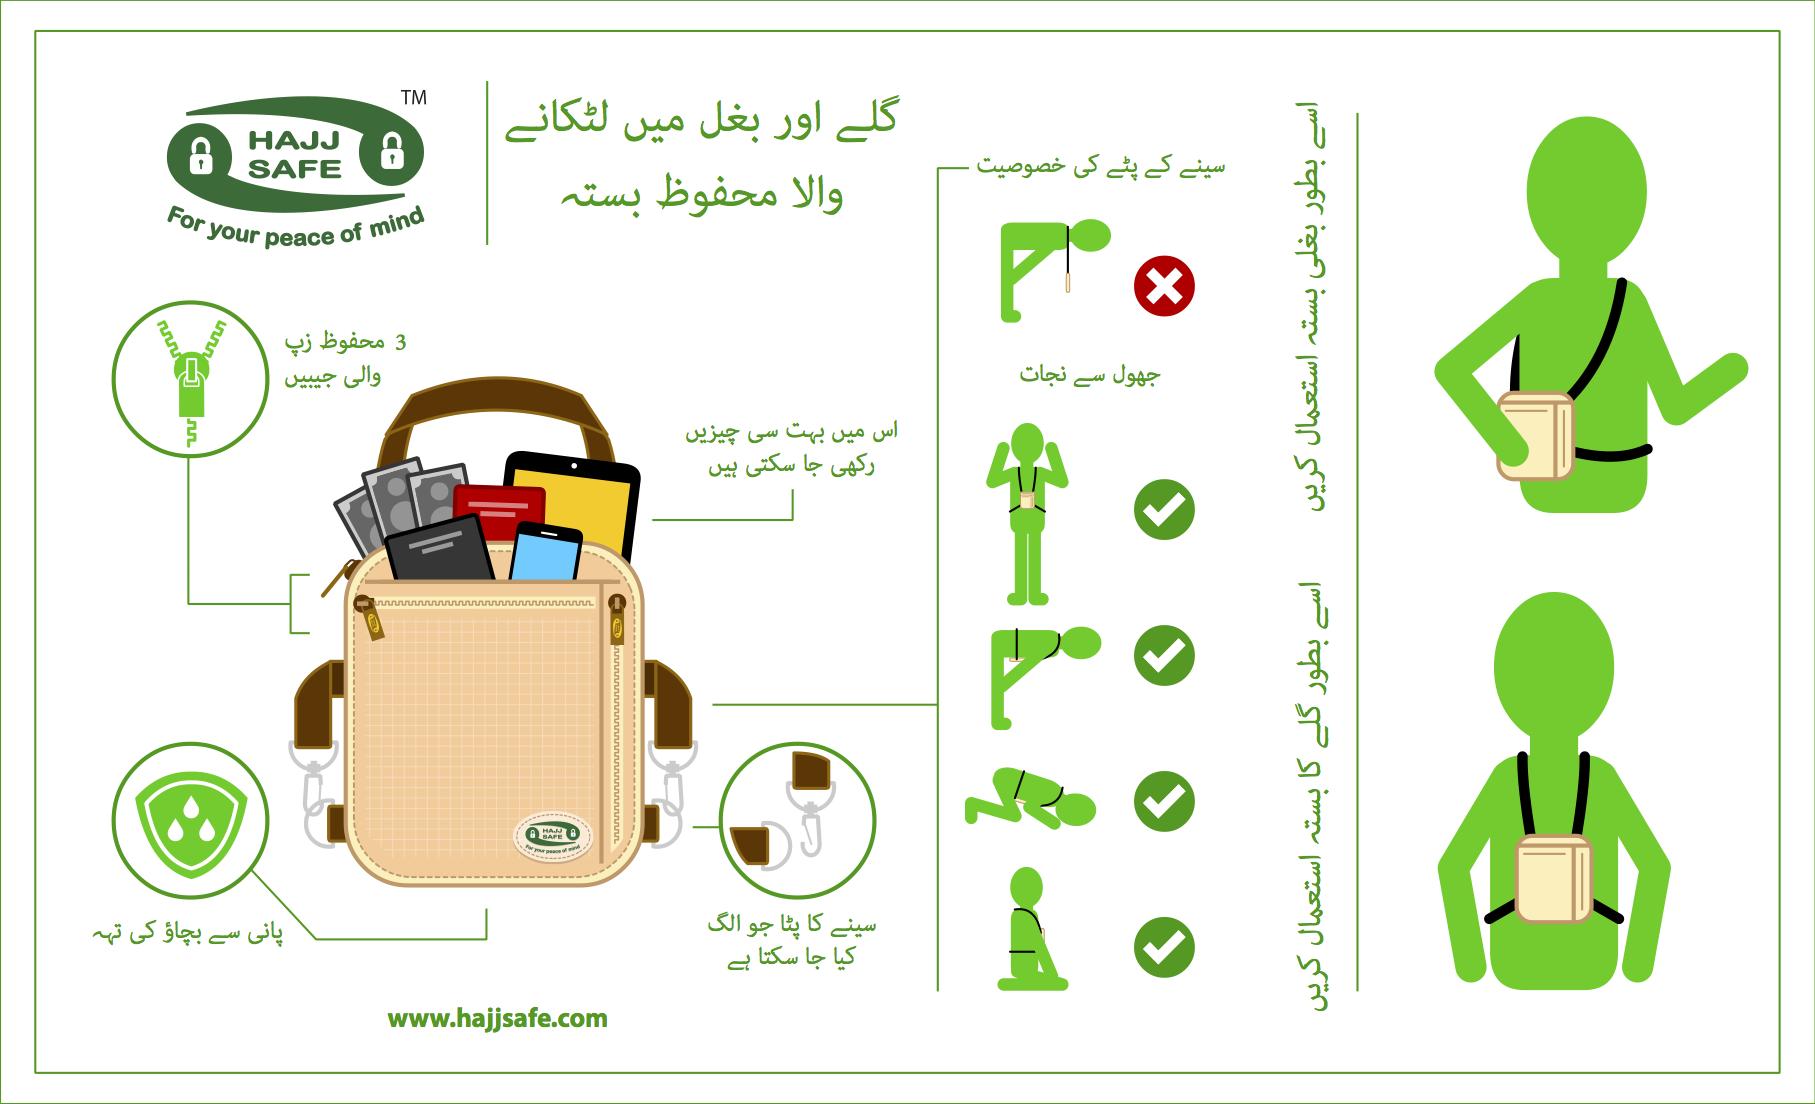 neck-side-bag-salama.png